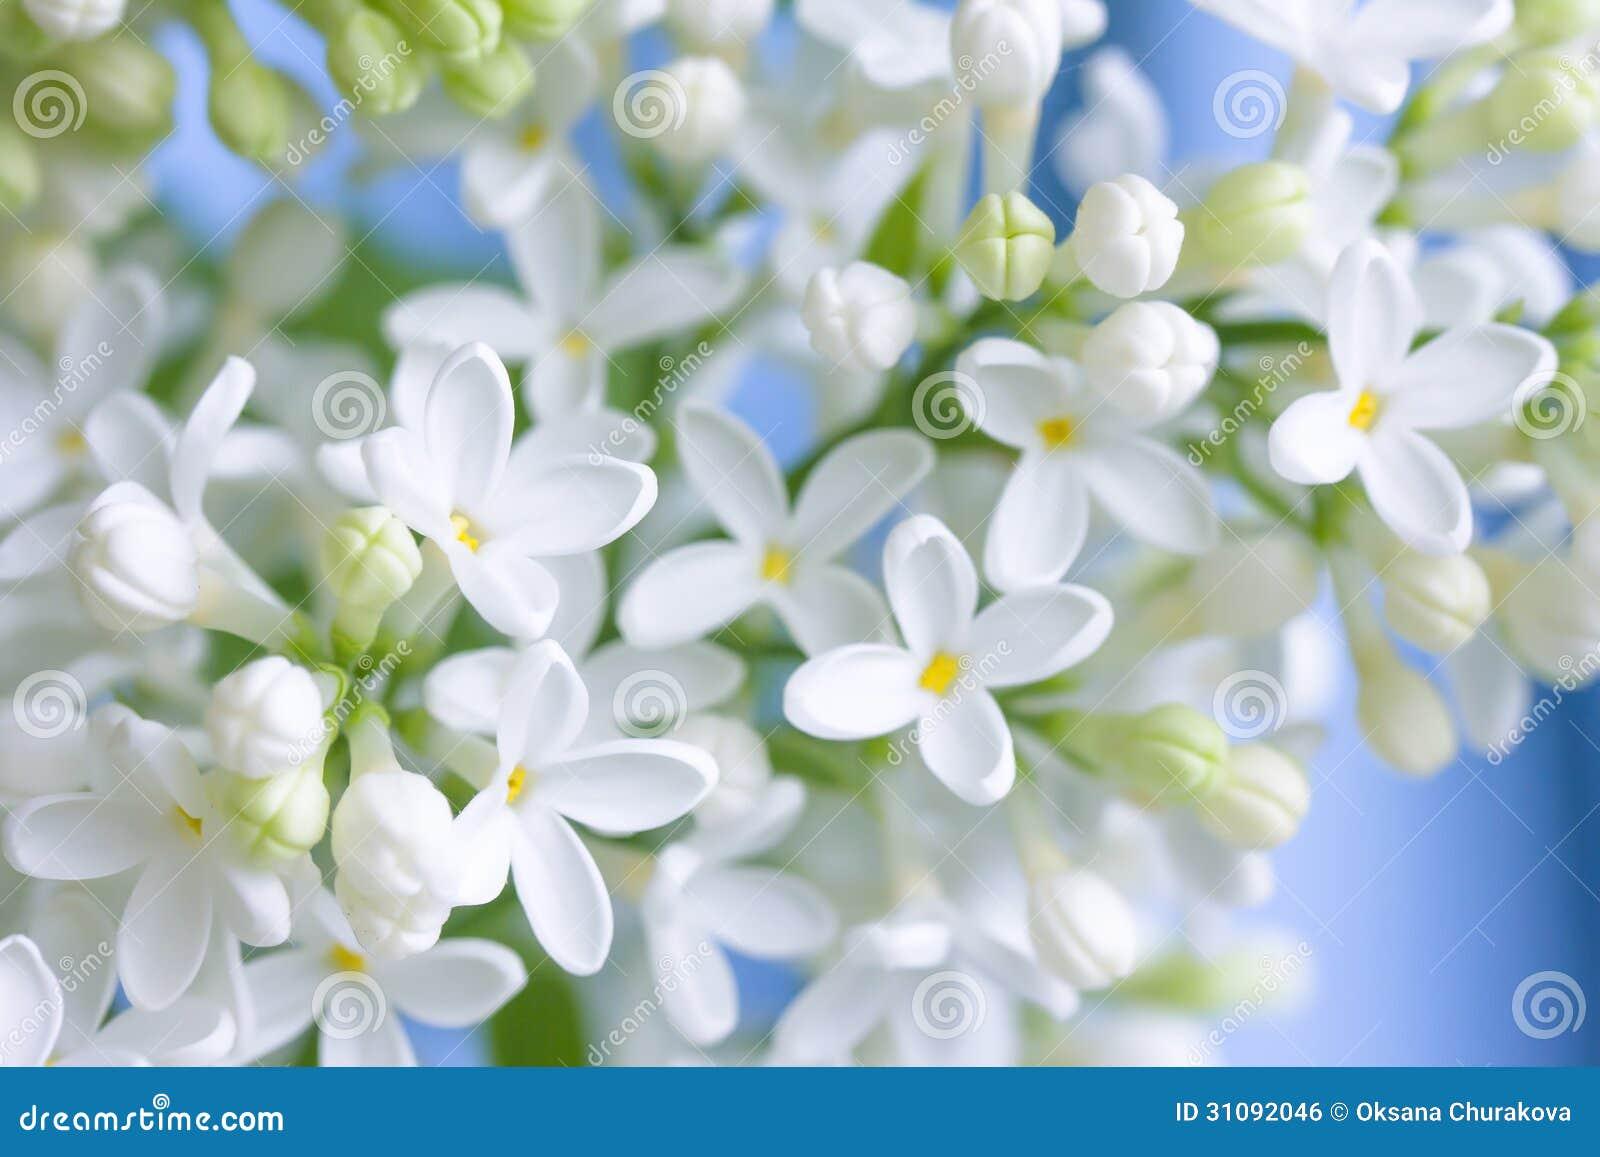 Delikat vit lila